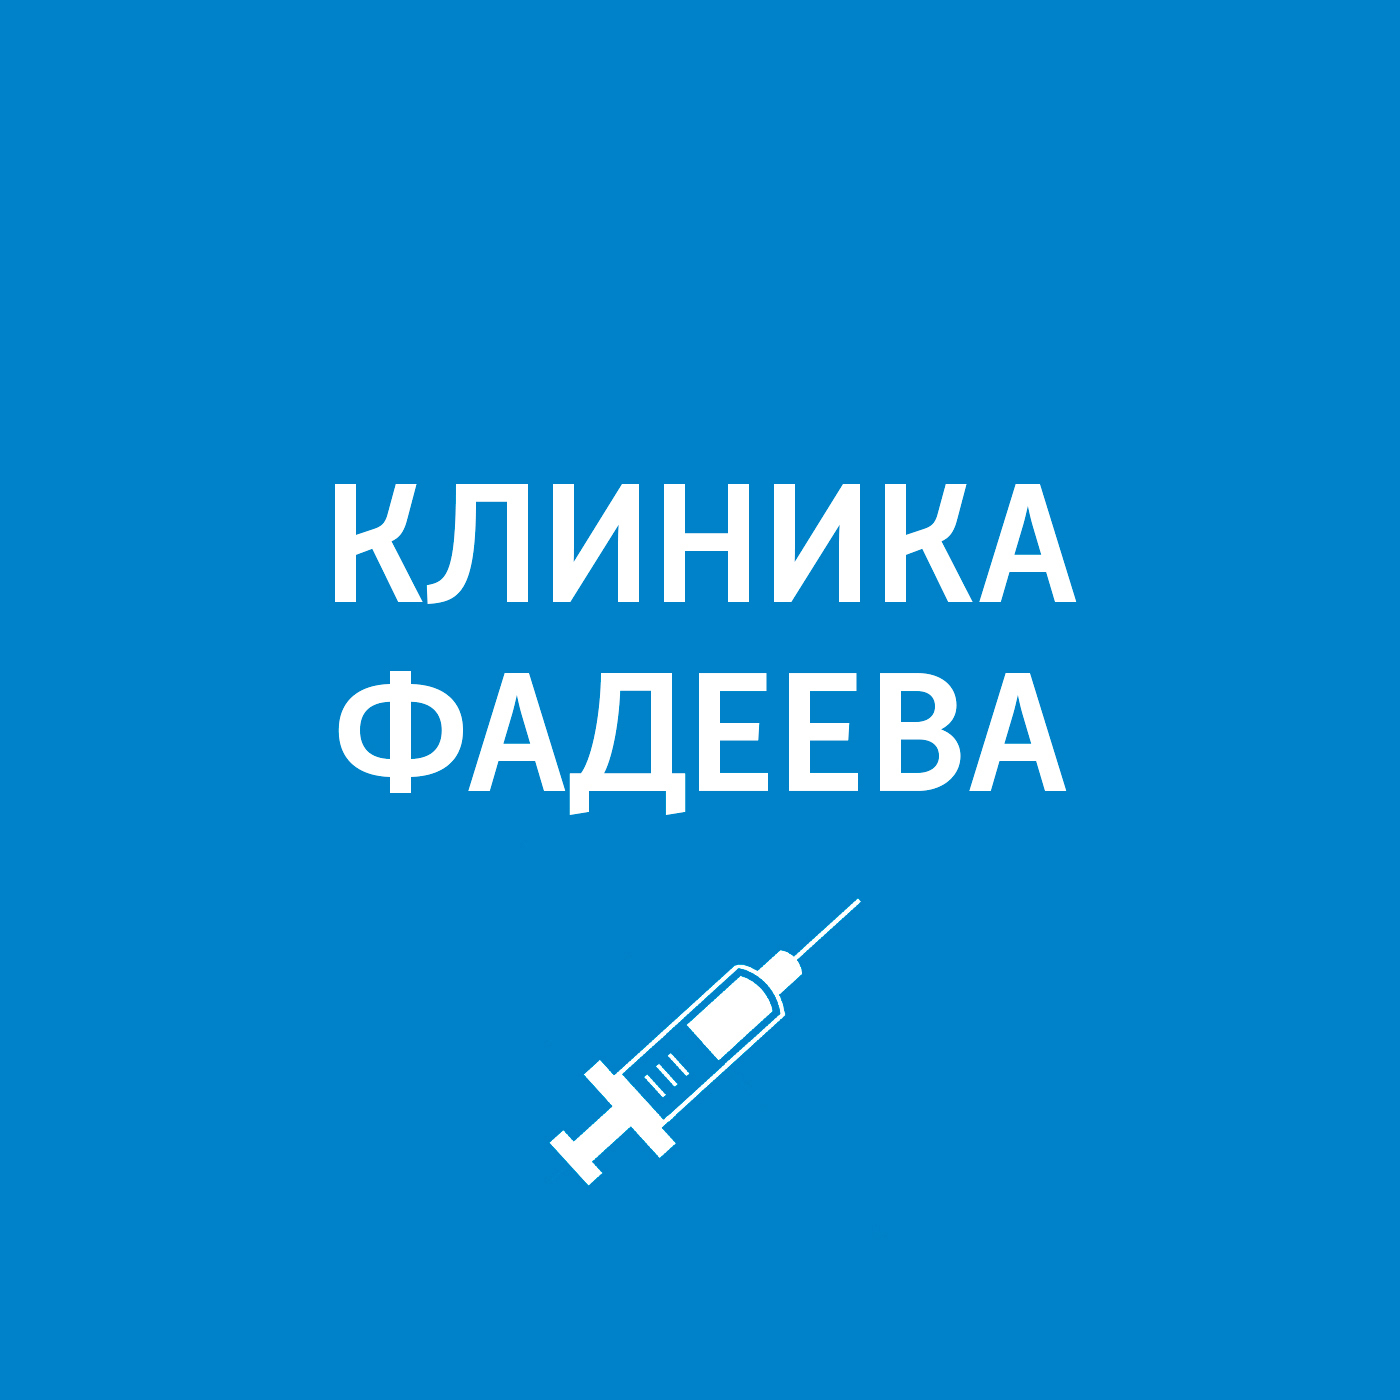 Пётр Фадеев Детский стоматолог: мифы и частые проблемы футболка print bar берегите зубы